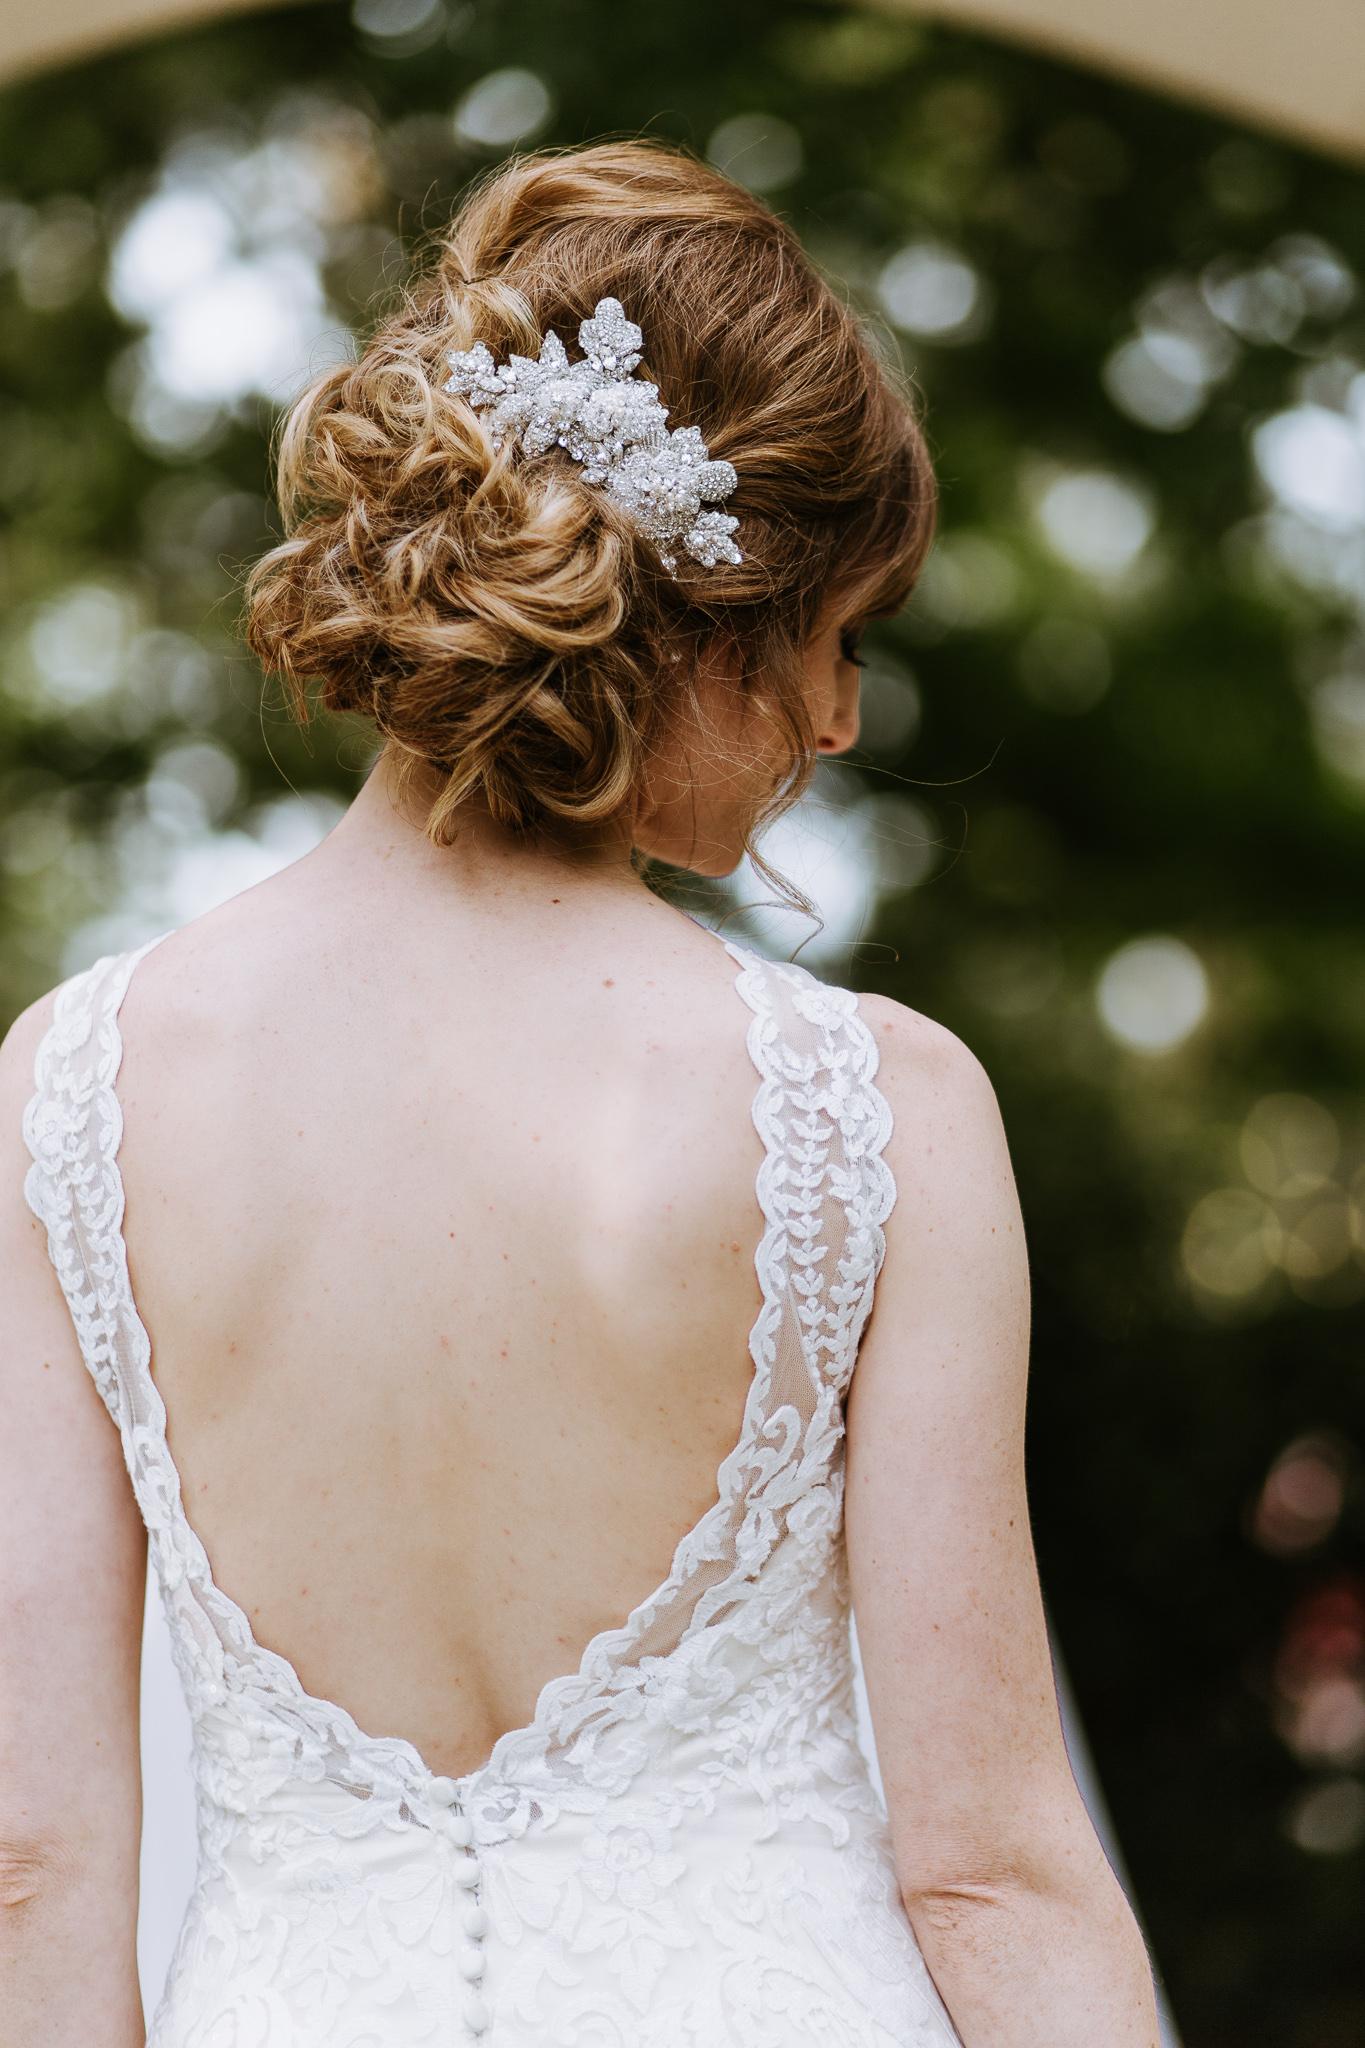 BayArea-Wedding-Photographer-53.jpg